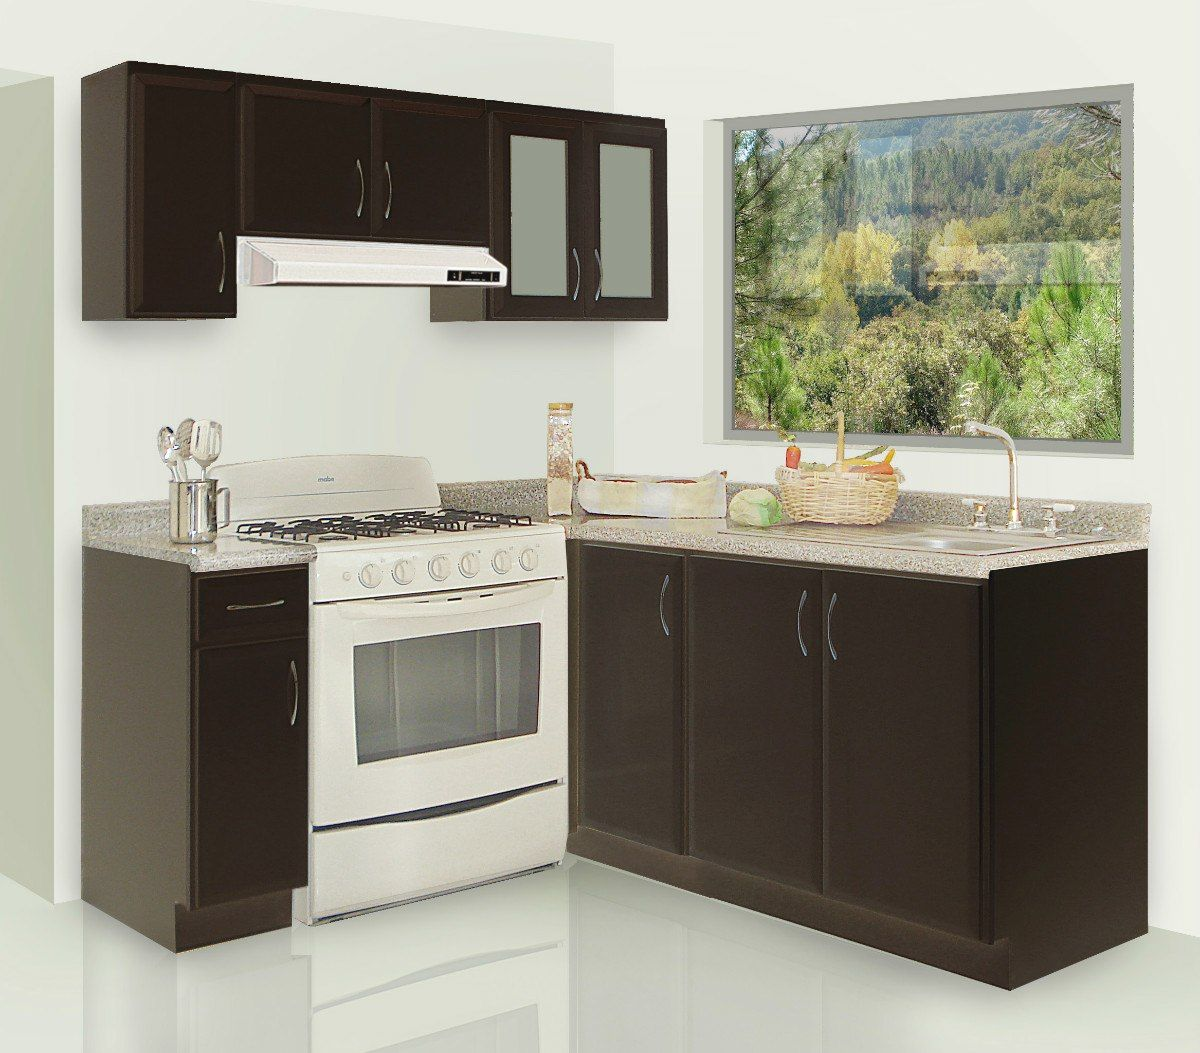 Imagenes de cocinas integrales modernas cocinas - Ideas para cocinas pequenas ...